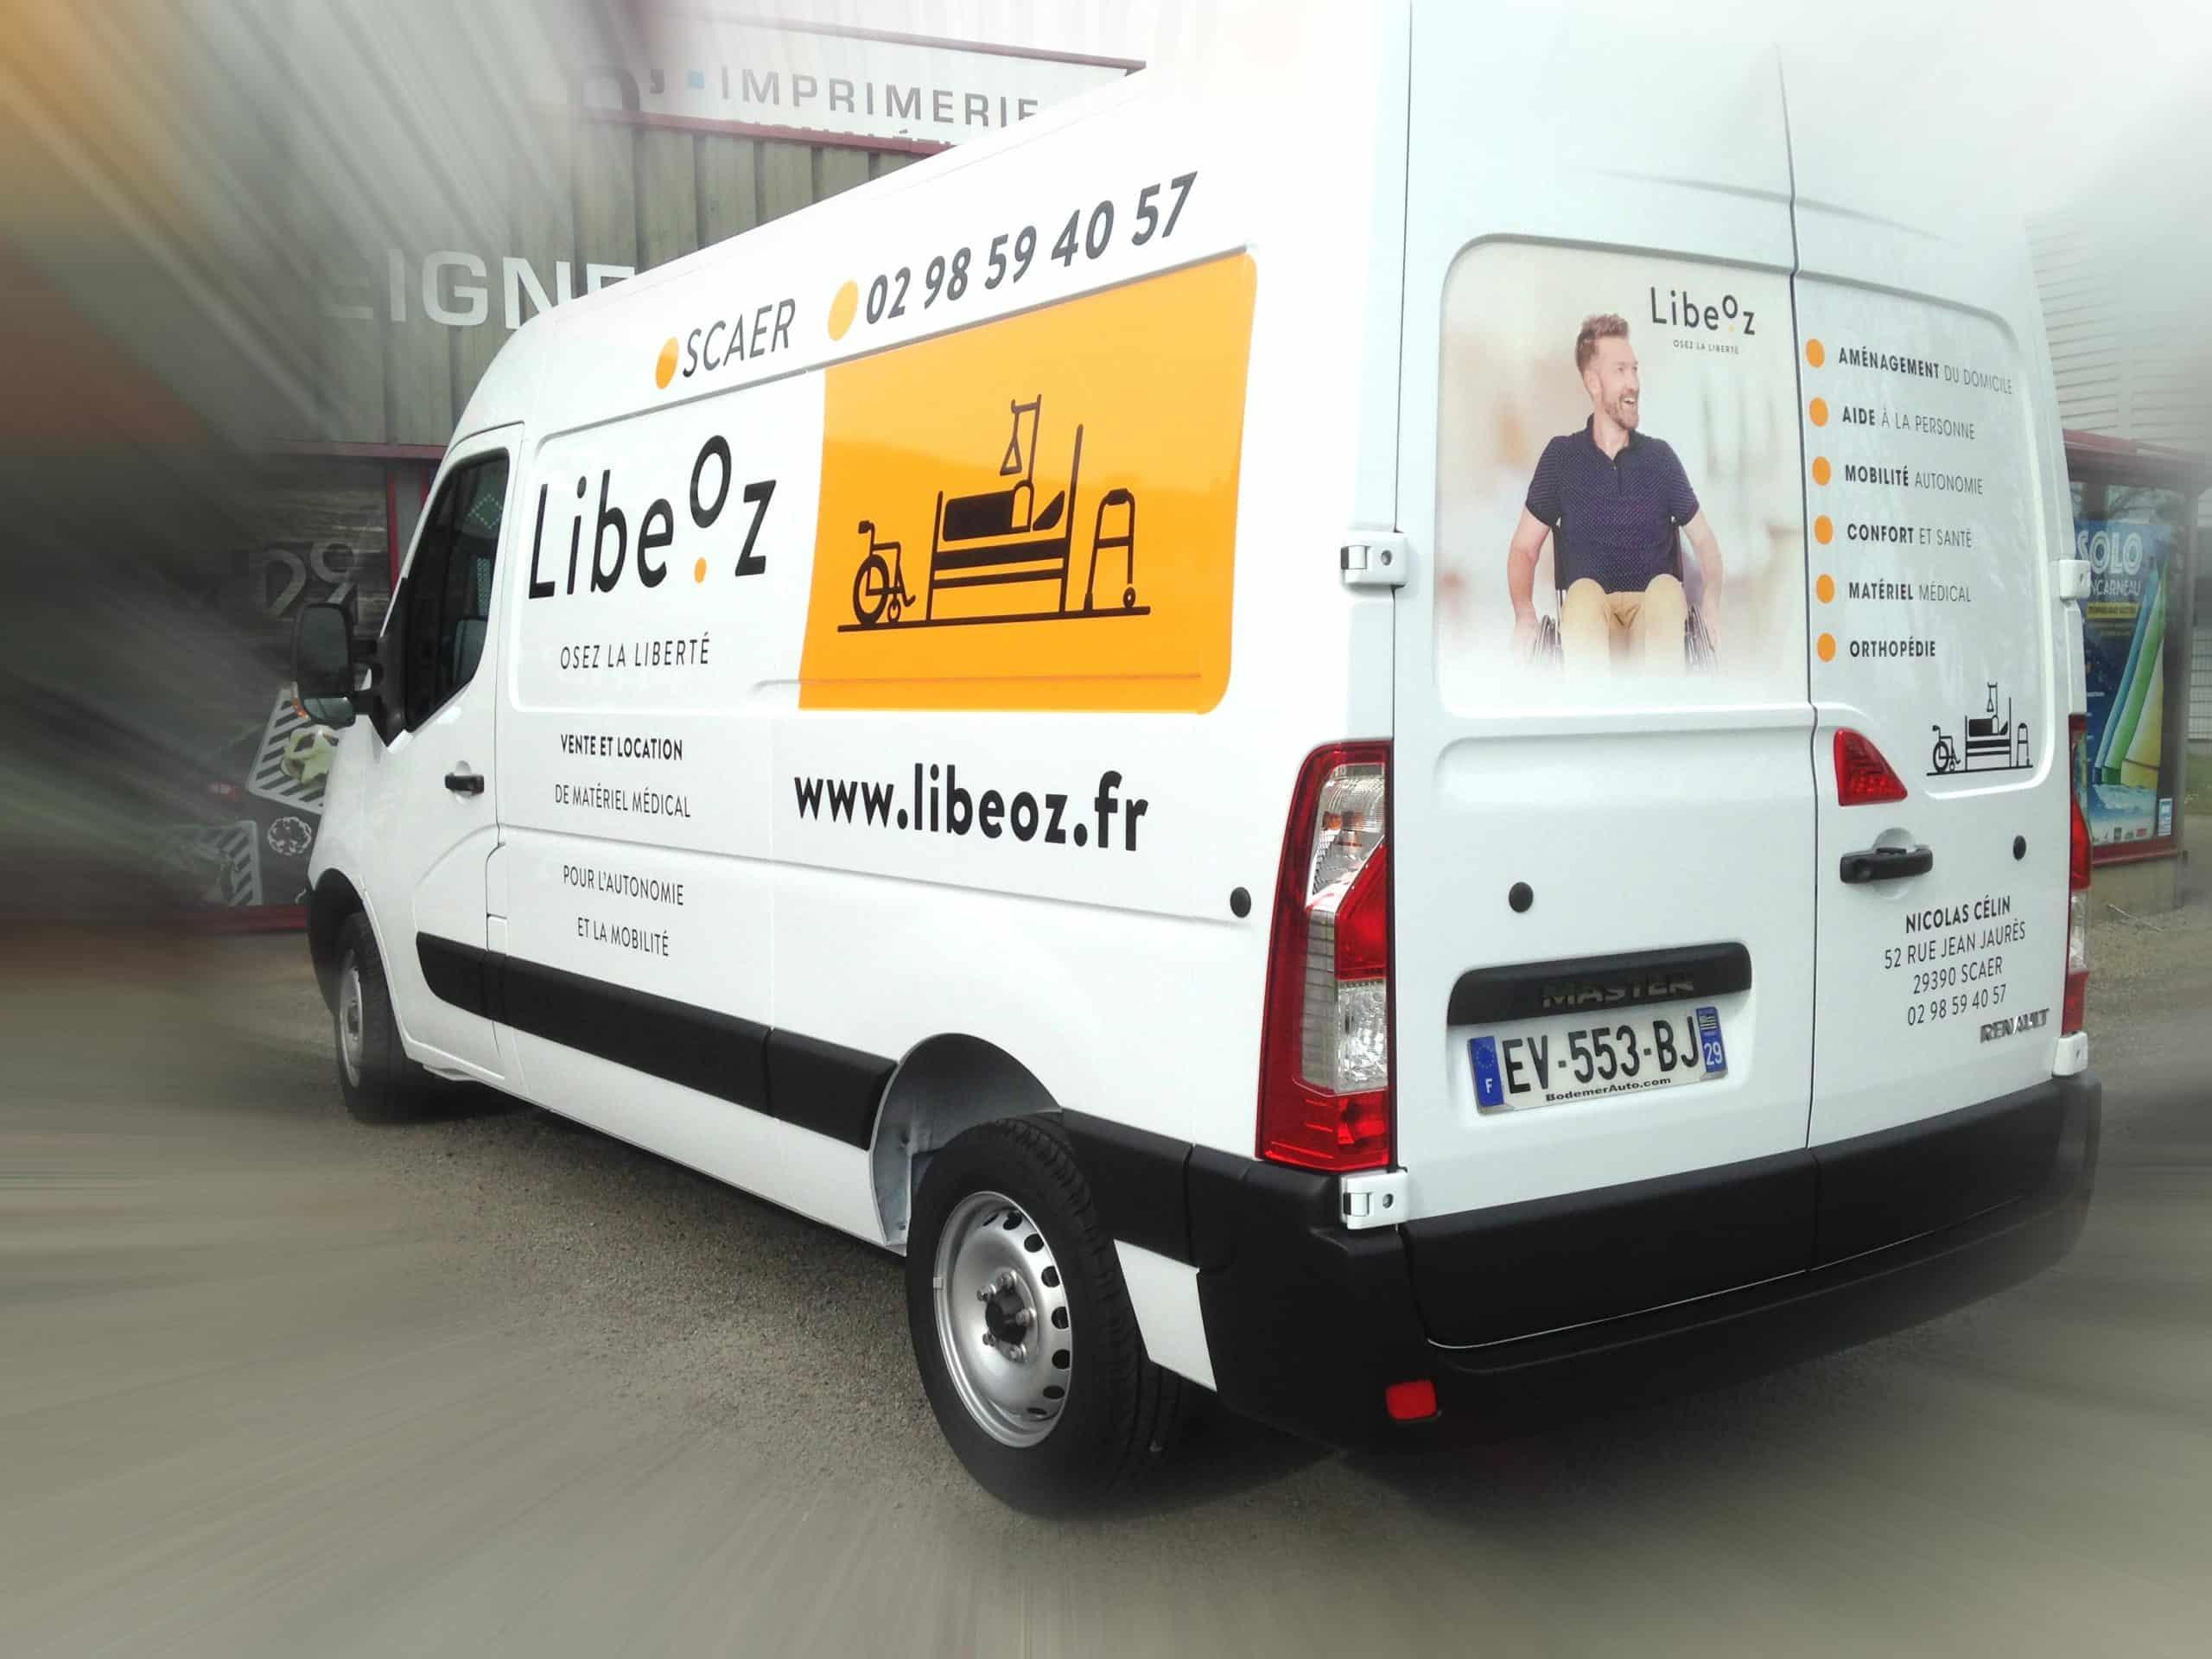 Marquage adhésif sur véhicule - Pharmacie de l'isole - Scaër